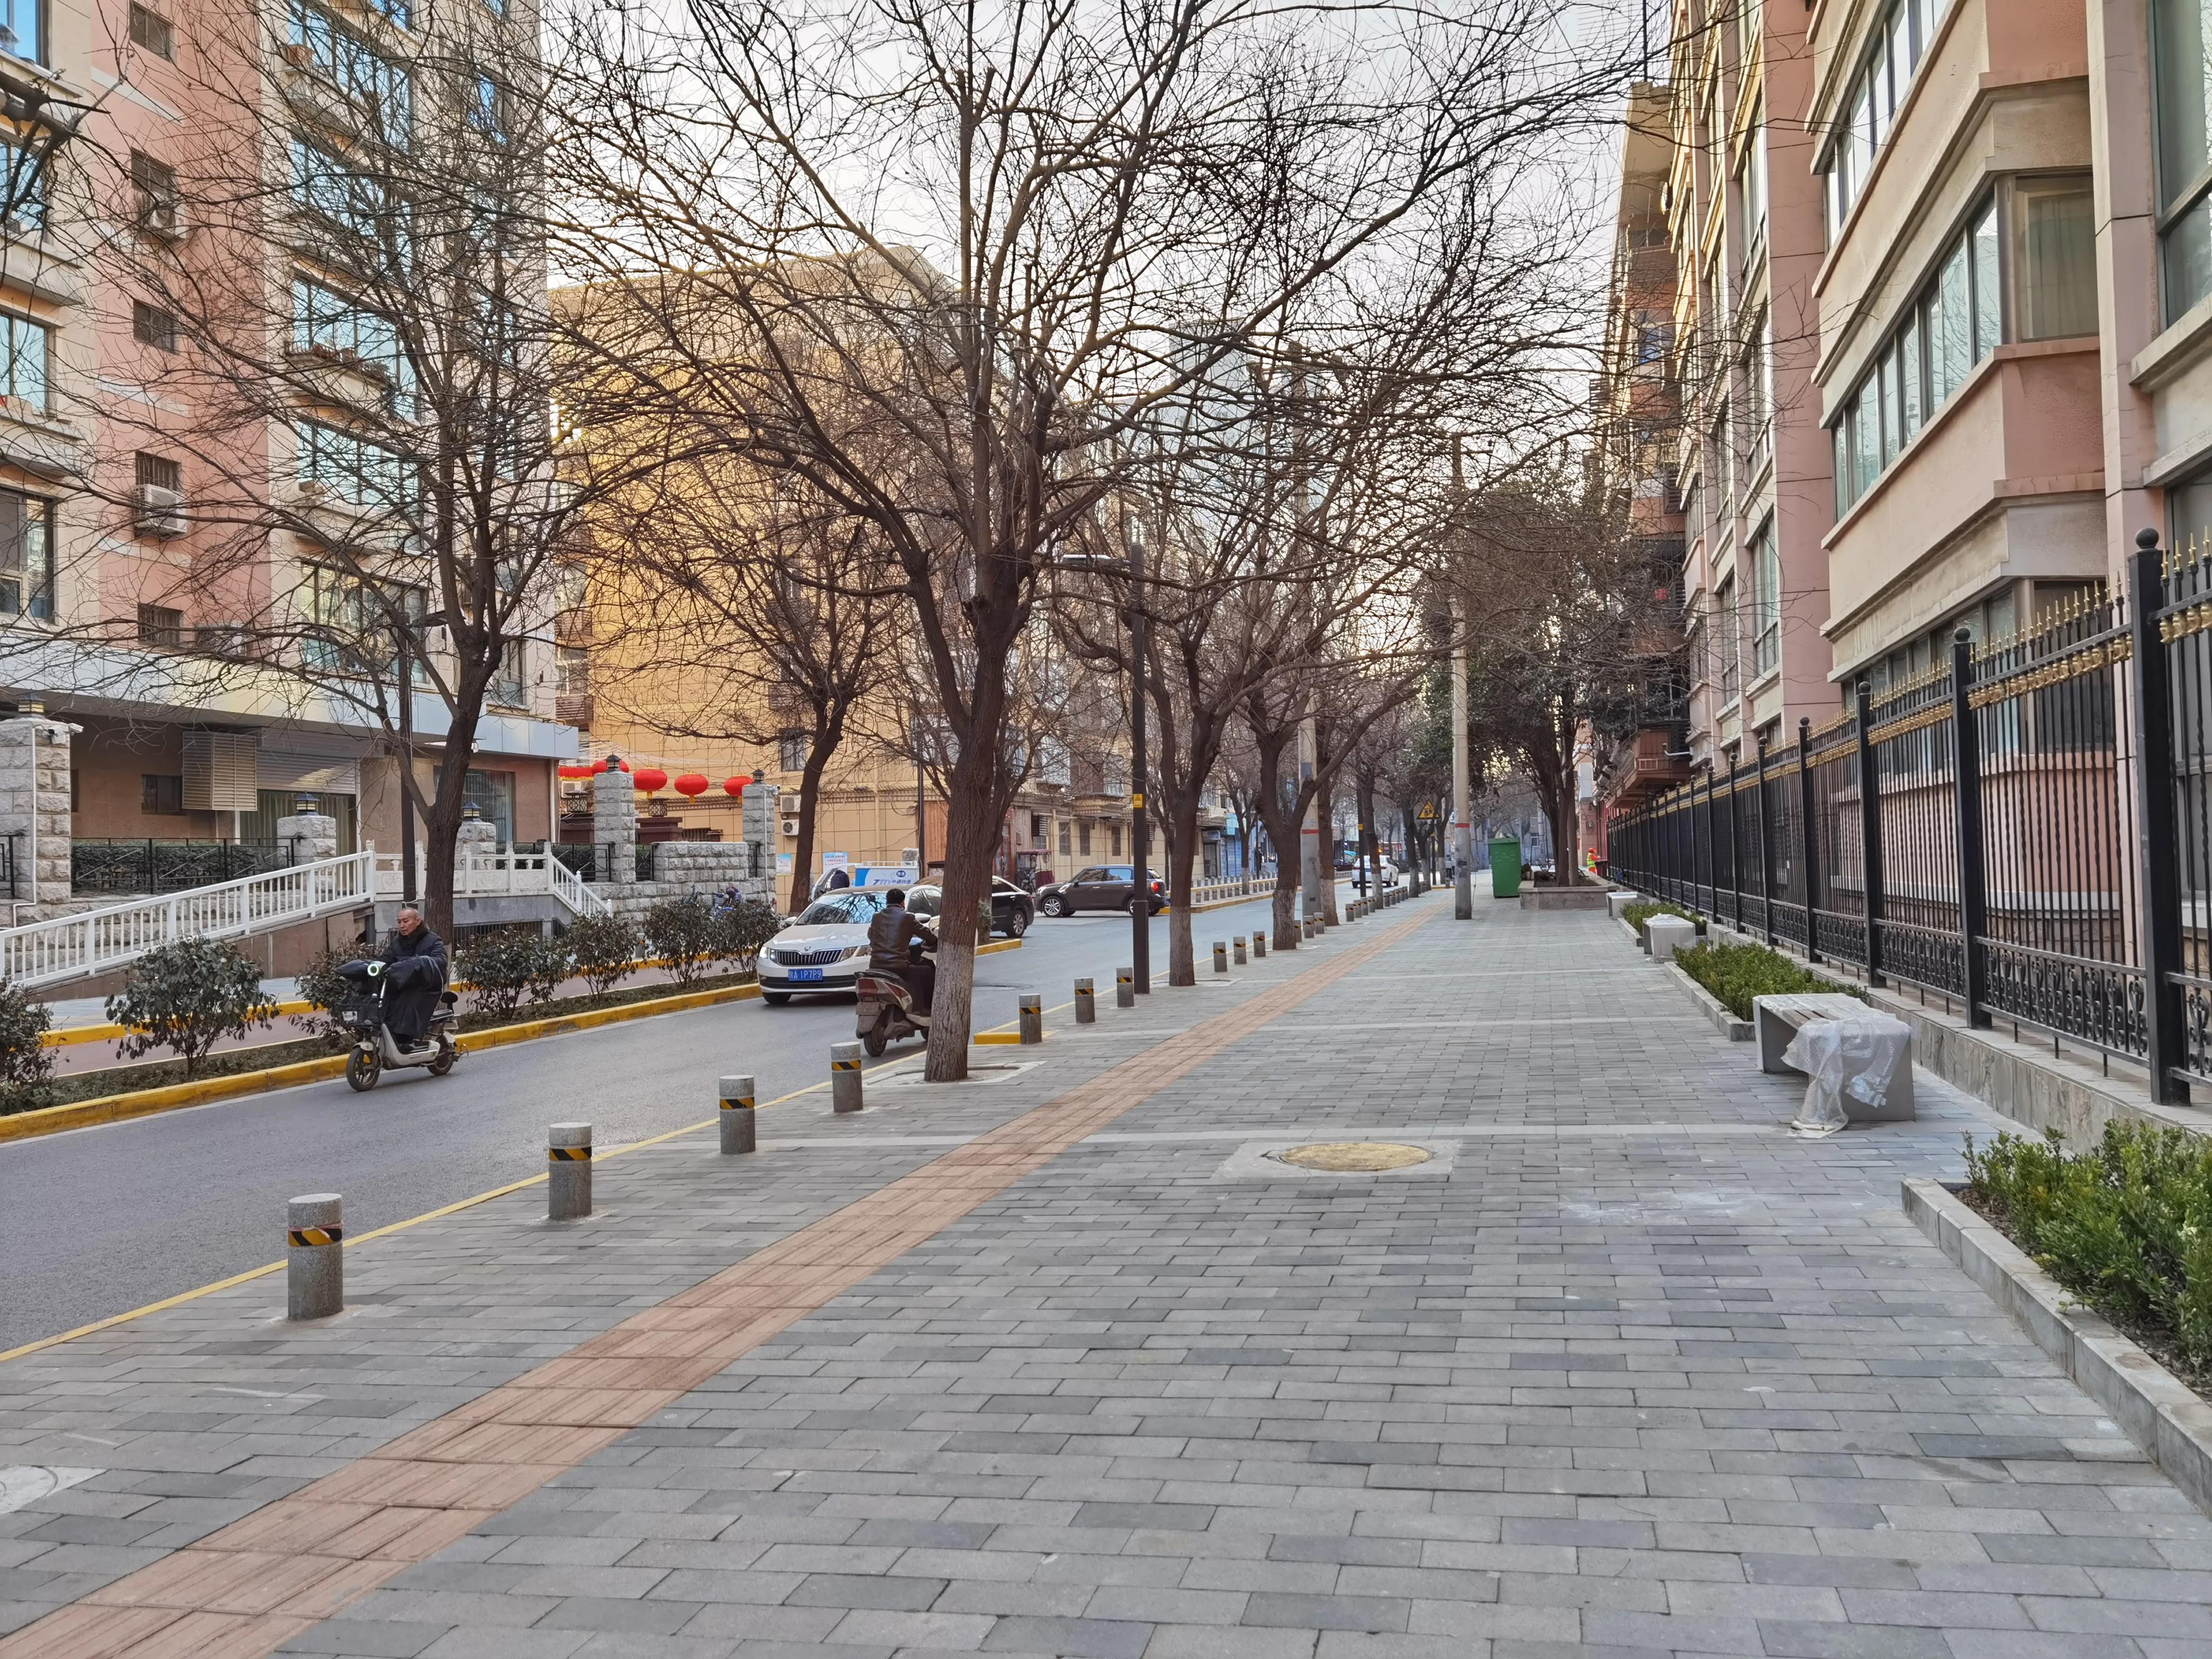 西安的街道——梁家牌楼